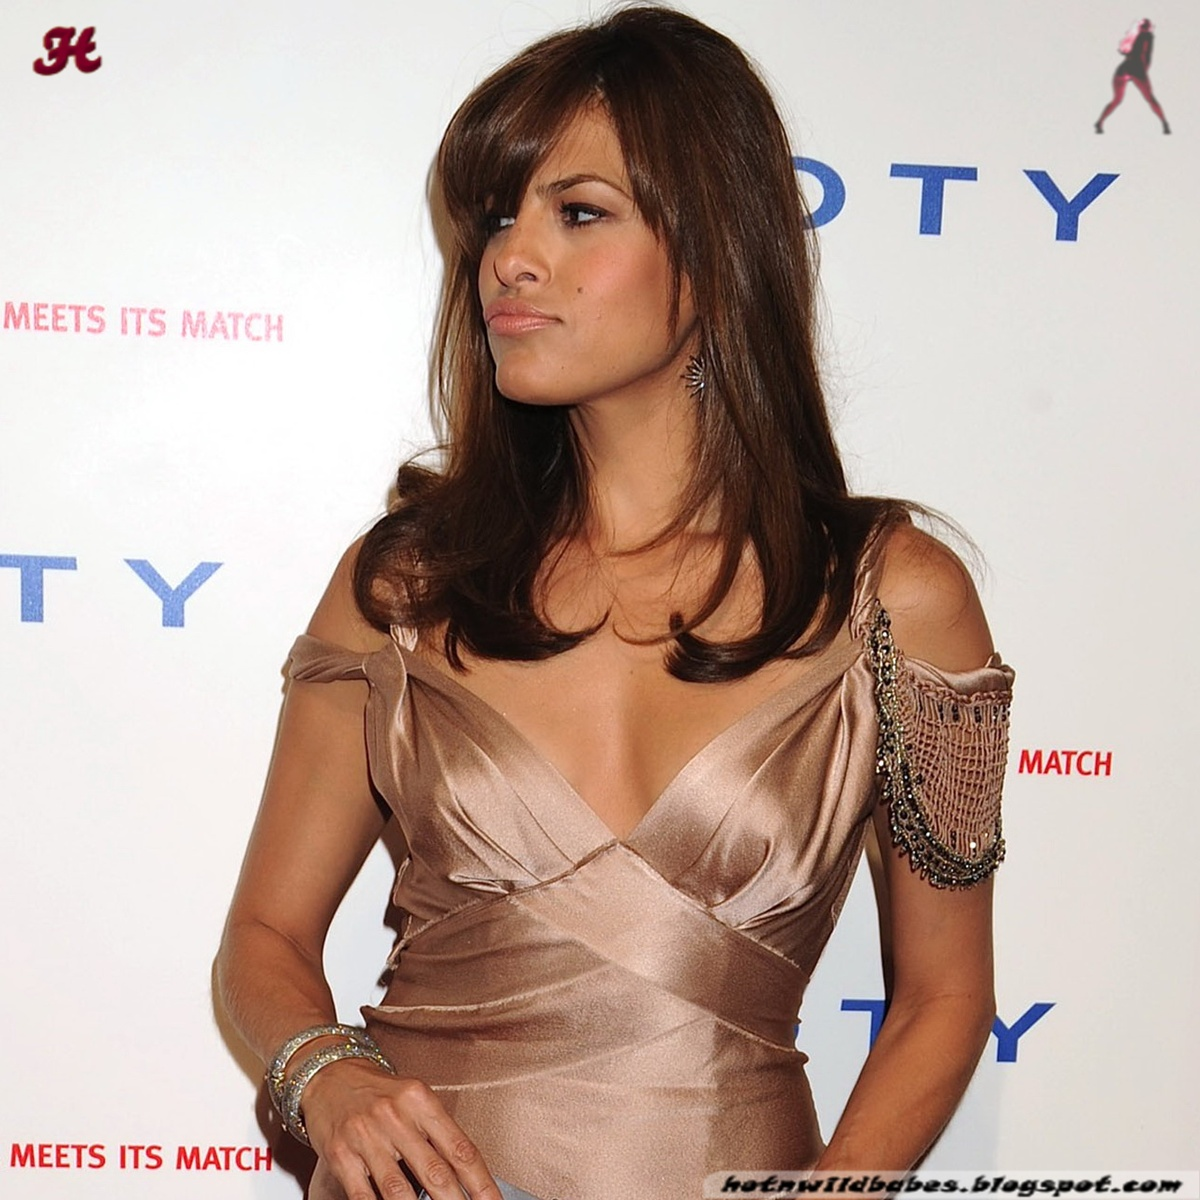 http://1.bp.blogspot.com/-NwtrRacSuUA/Tvo20hTaQtI/AAAAAAAACFs/DxKwGgWYPkU/s1600/Eva_Mendes_pink_gown_cleavage007%2540hotnwildbabes.blogspot.com.jpg